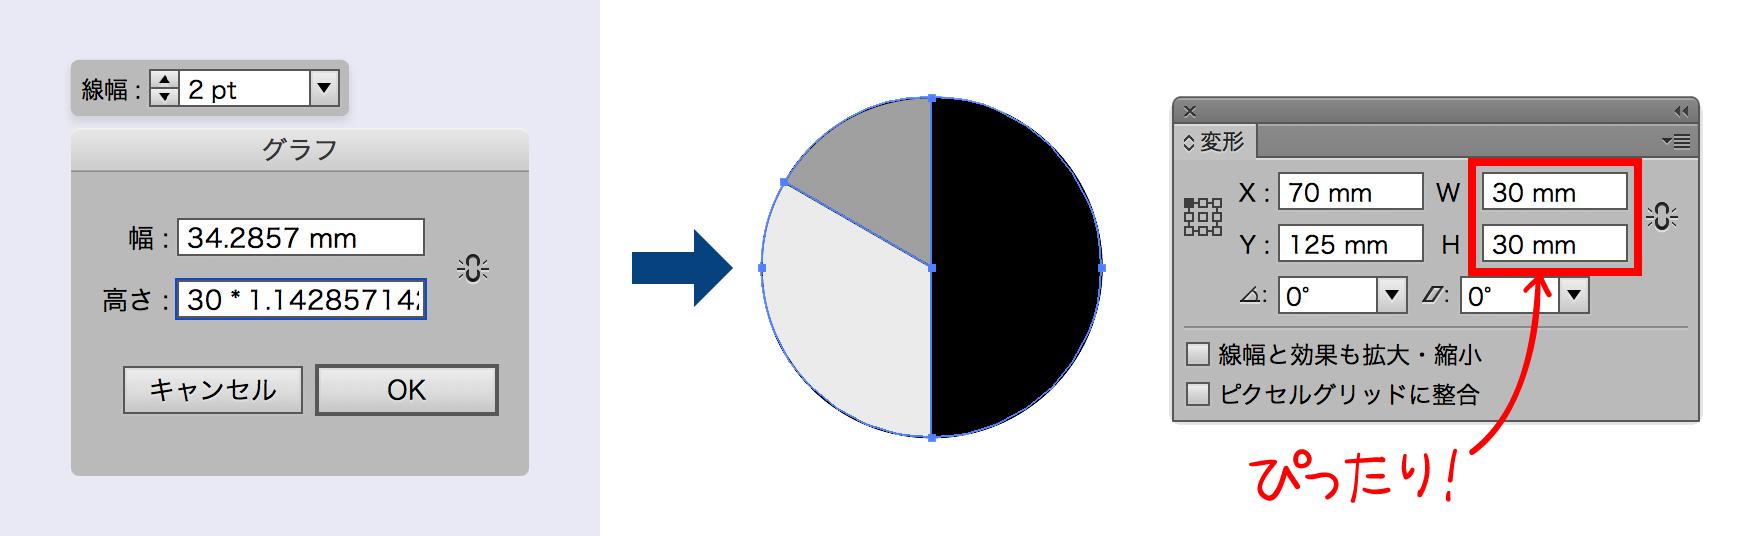 図版 円グラフ 線幅2ptでサイズ指定し,拡大率をかけたとき